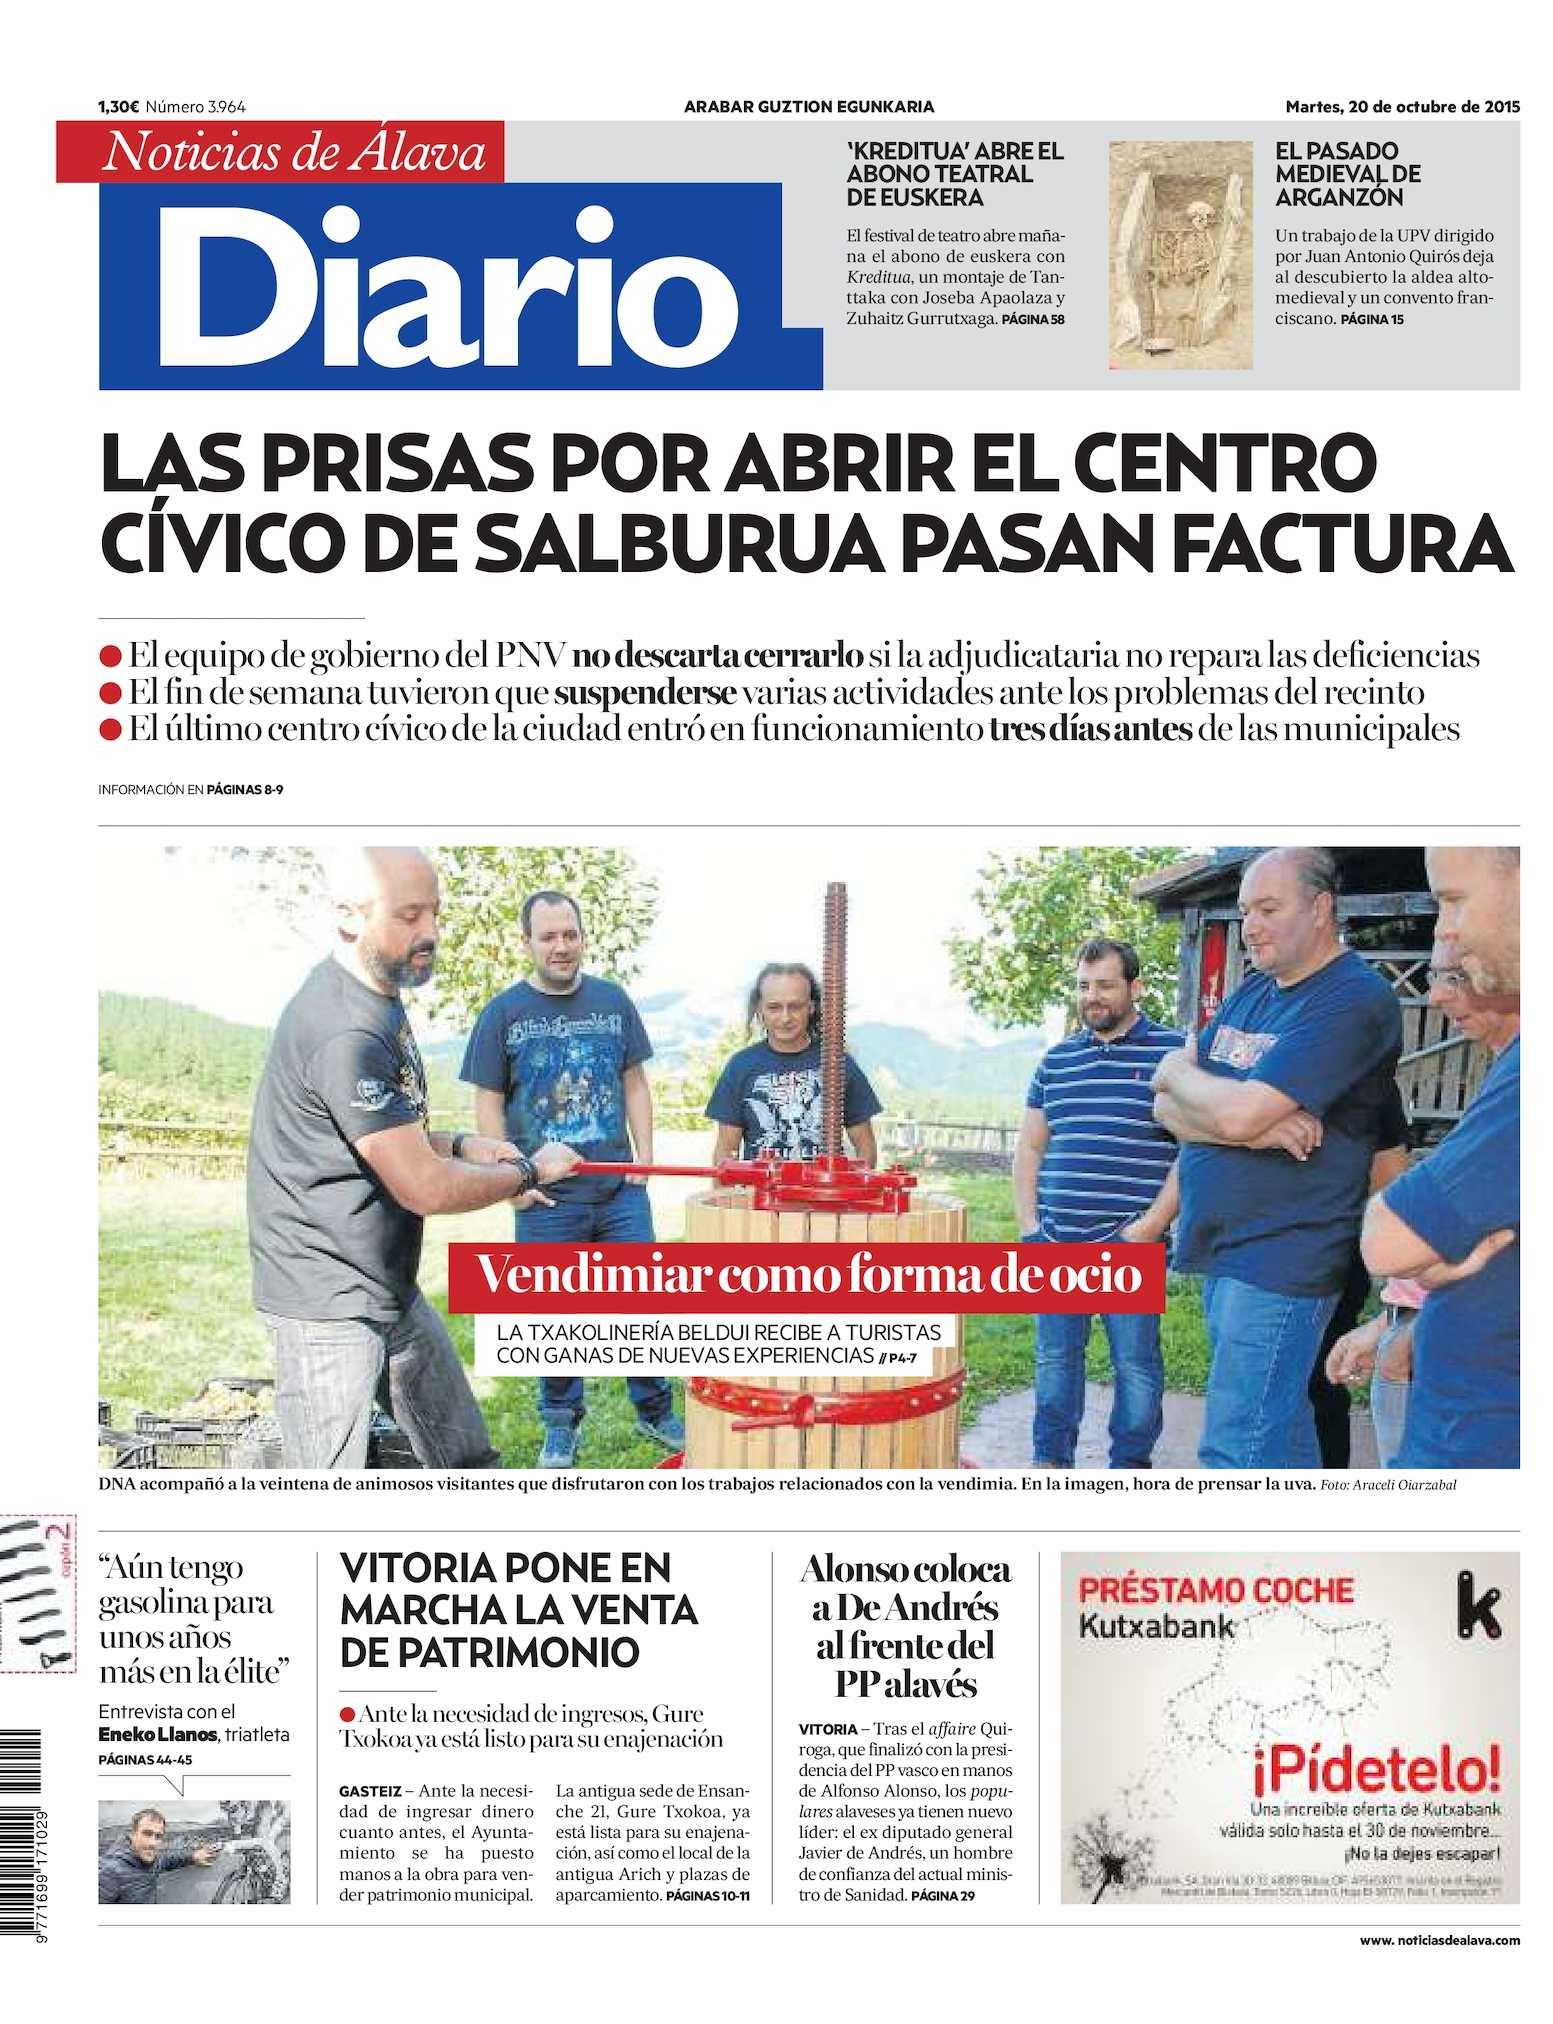 Calaméo - Diario de Noticias de Álava 20151020